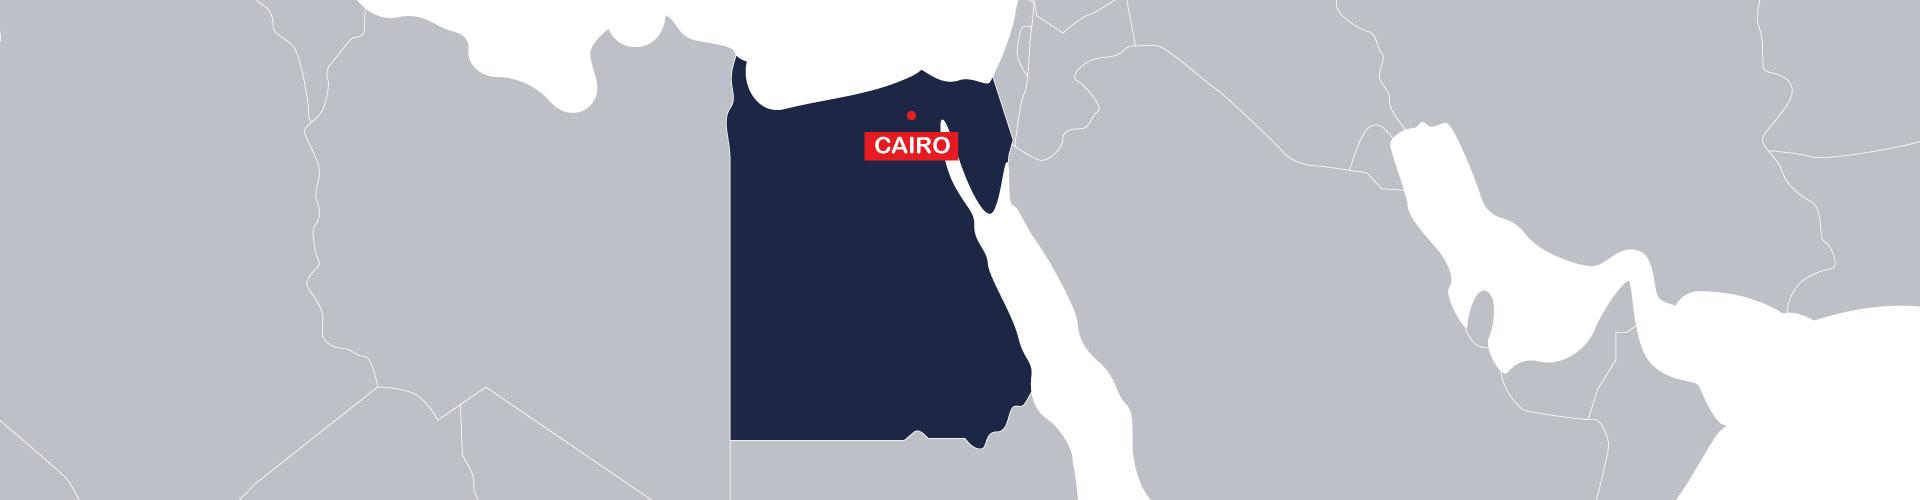 MAP EGYPT EN.jpg